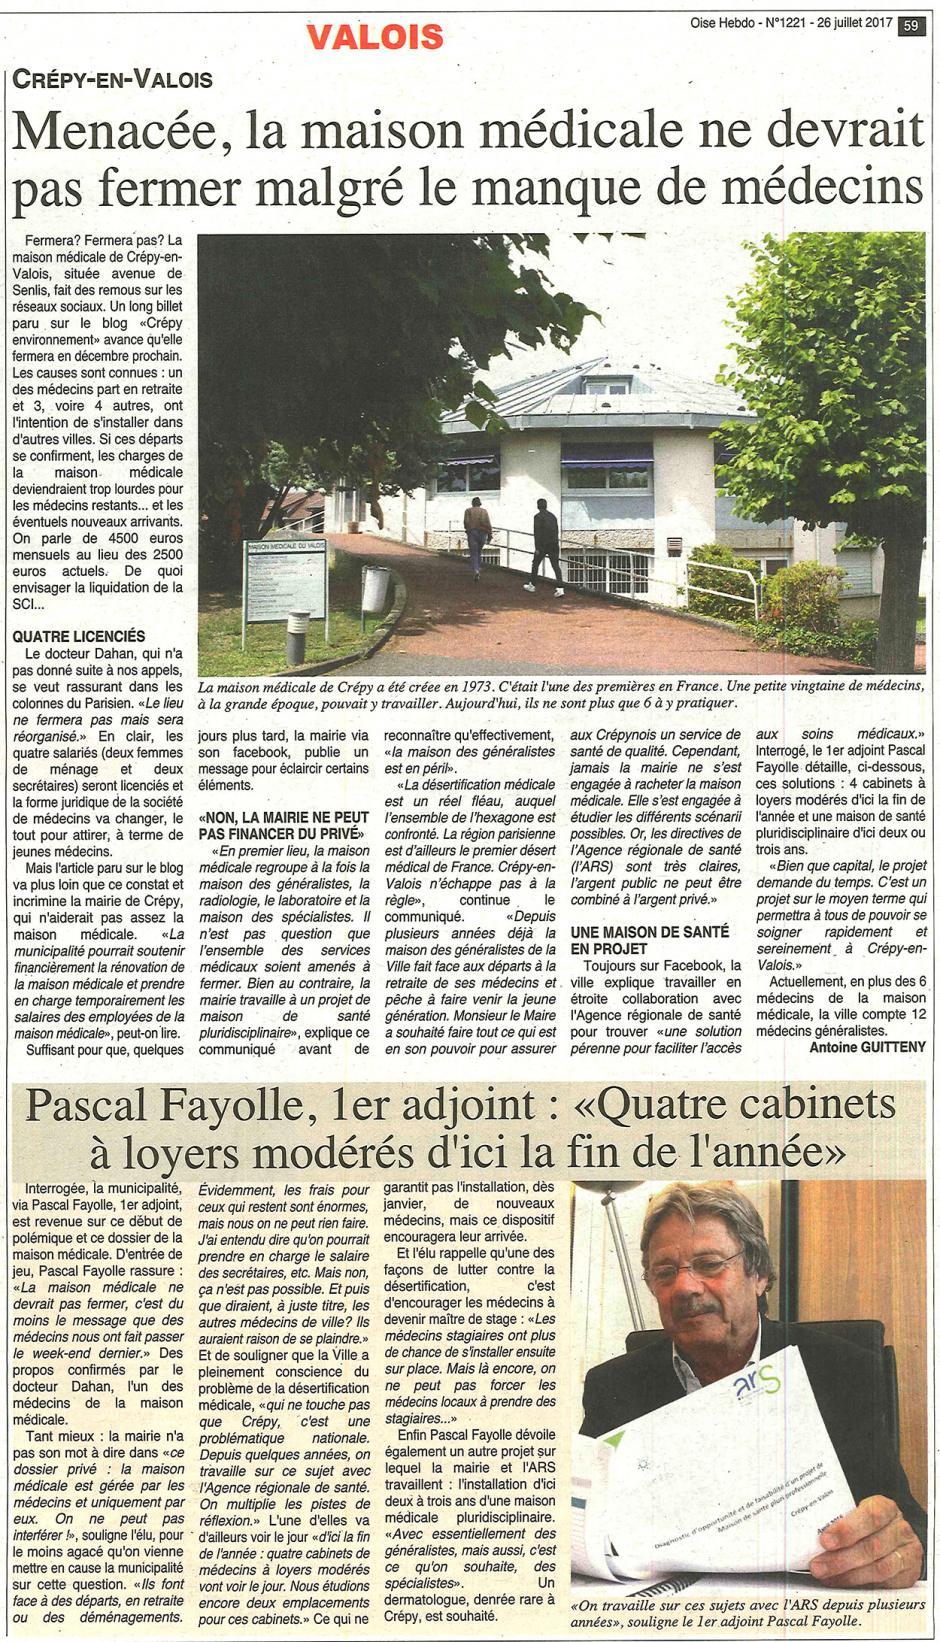 20170726-OH-Crépy-en-Valois-Menacée, la maison médicale ne devrait pas fermer malgré le manque de médecins